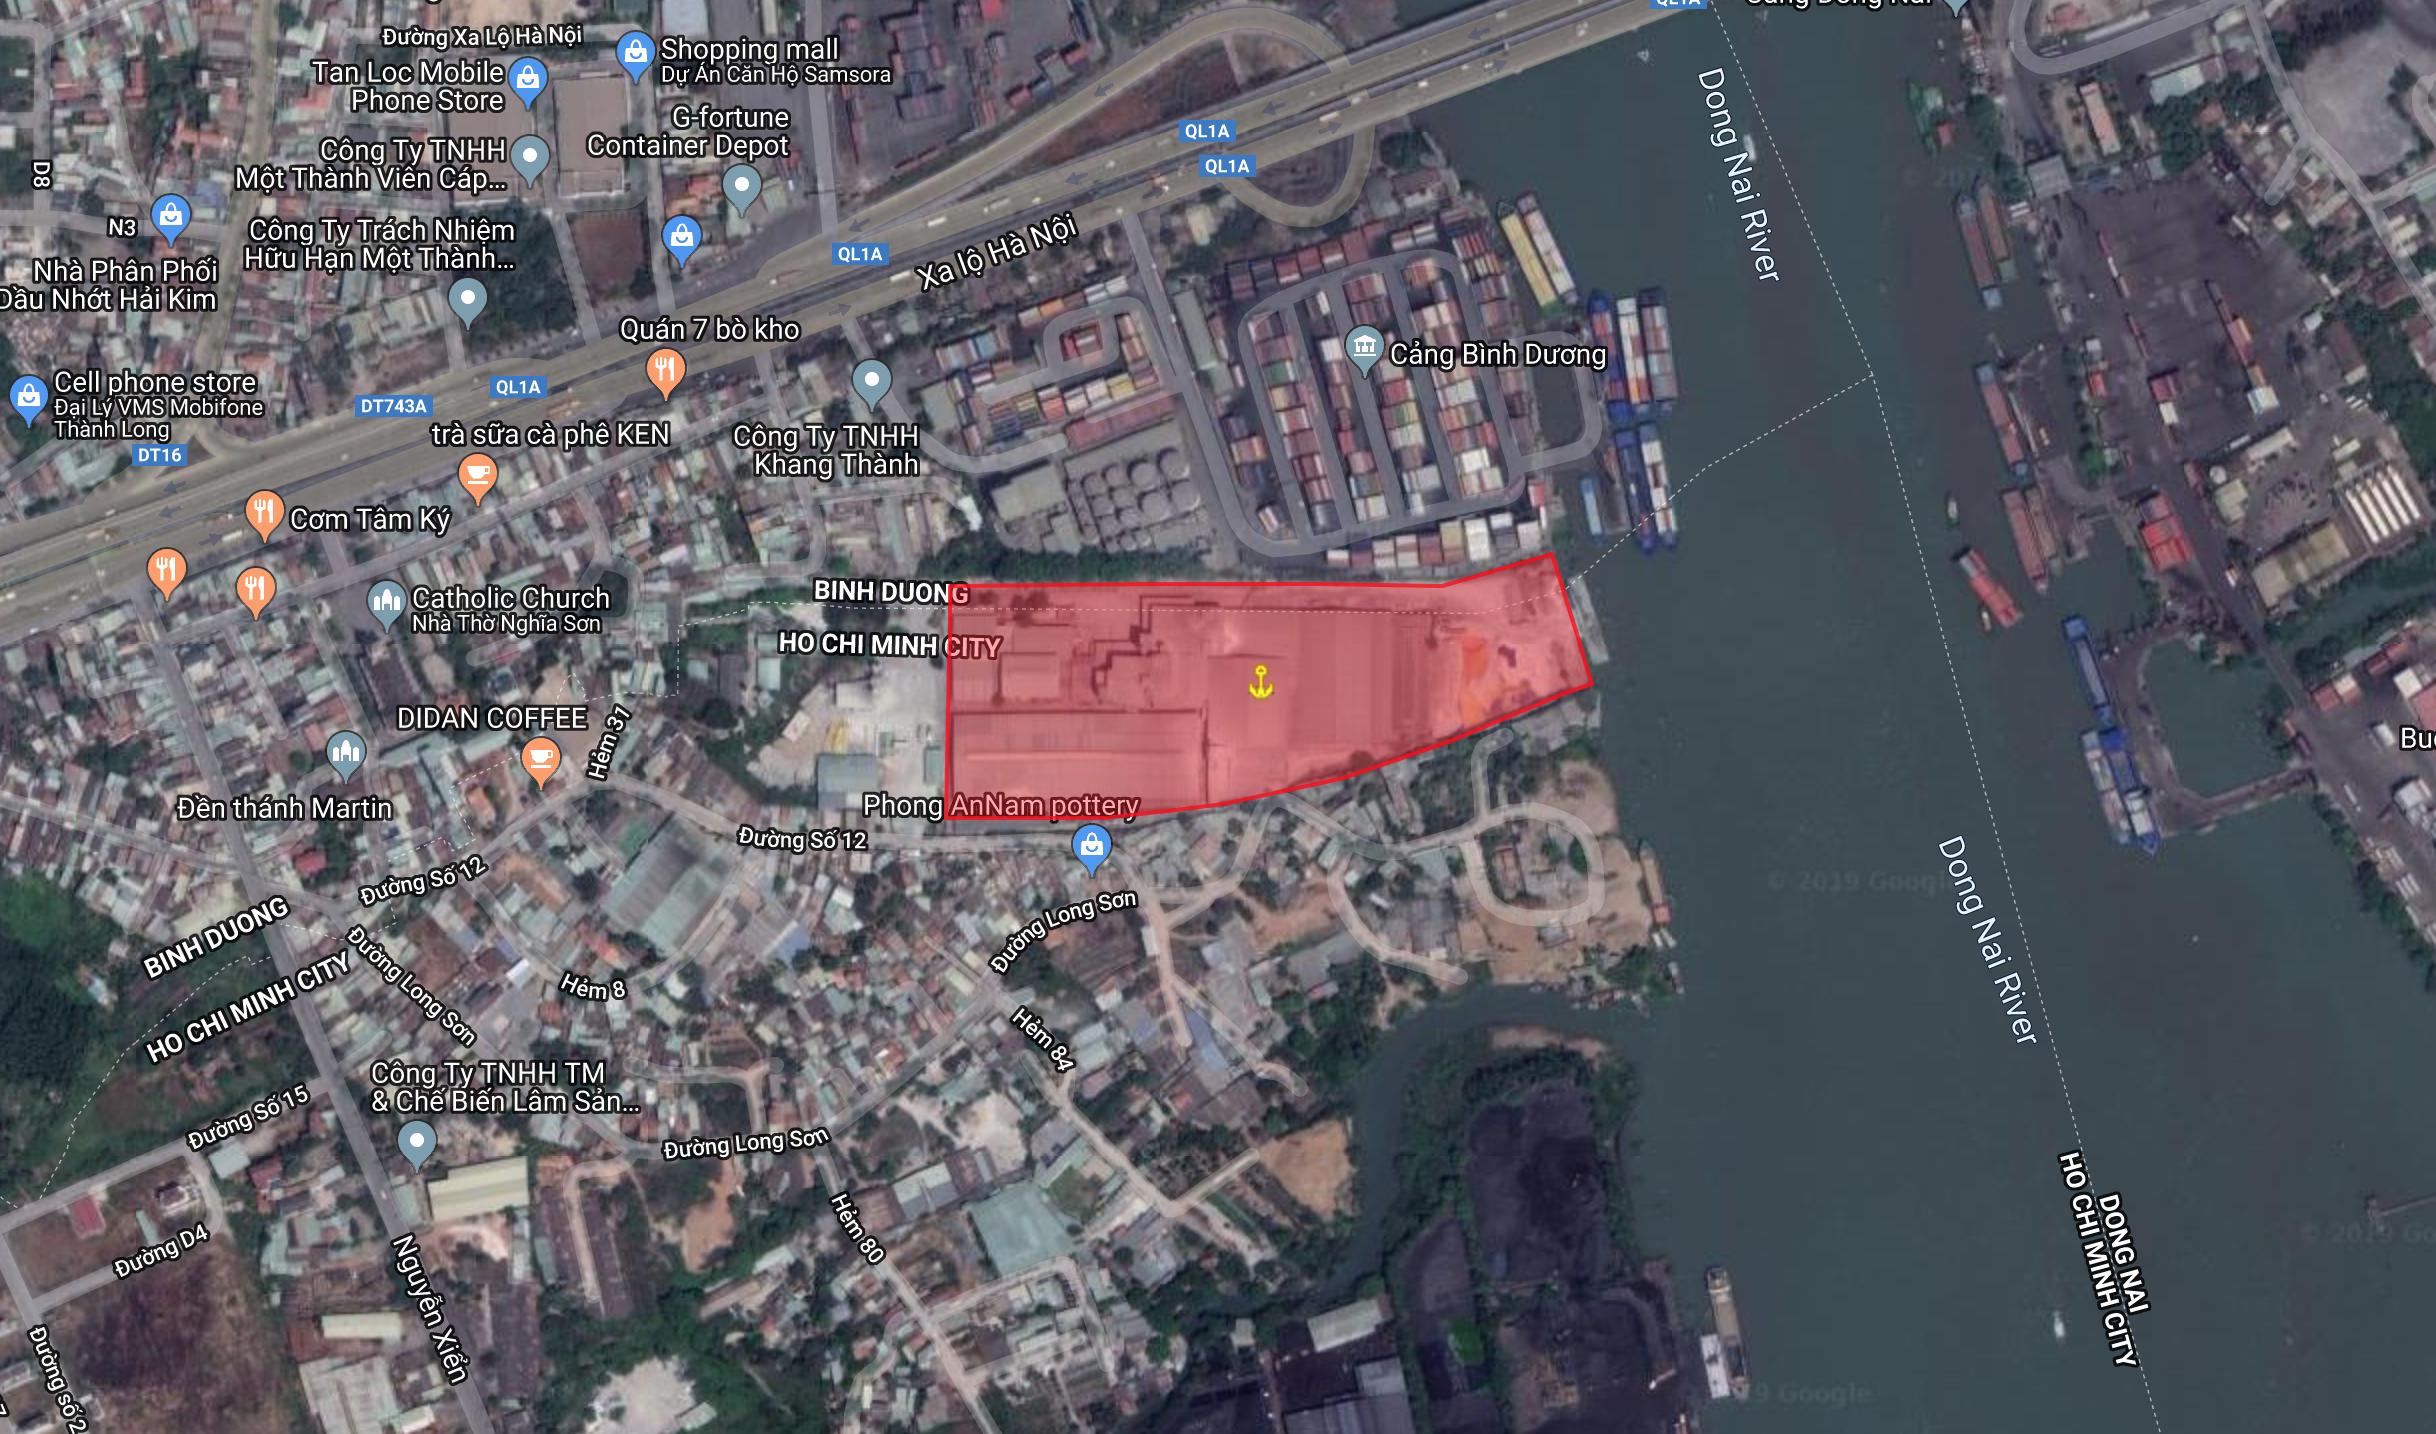 HCM | Cảng Xi măng Sài Gòn, phường Long Bình, quận 9 Tp.HCM | Bán cảng đường thuỷ | Cảng thuỷ nội địa